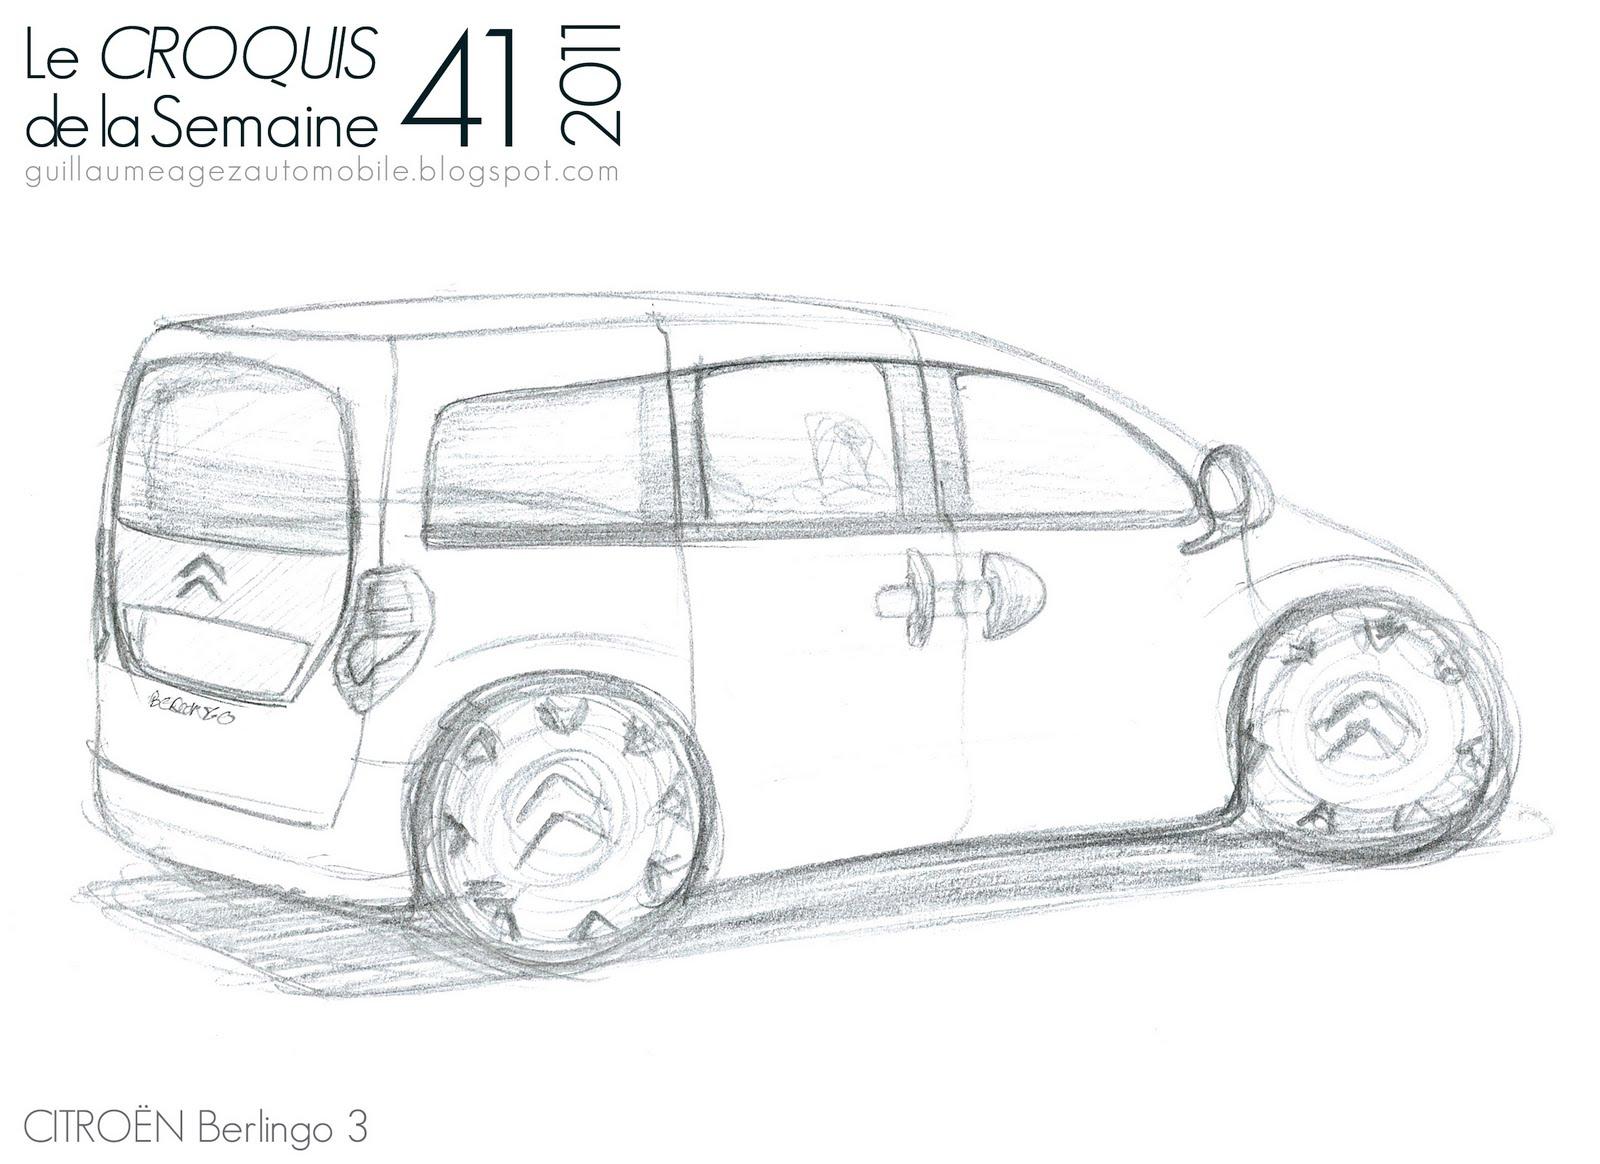 Guillaume AGEZ Automobile: Le Croquis de la semaine (41